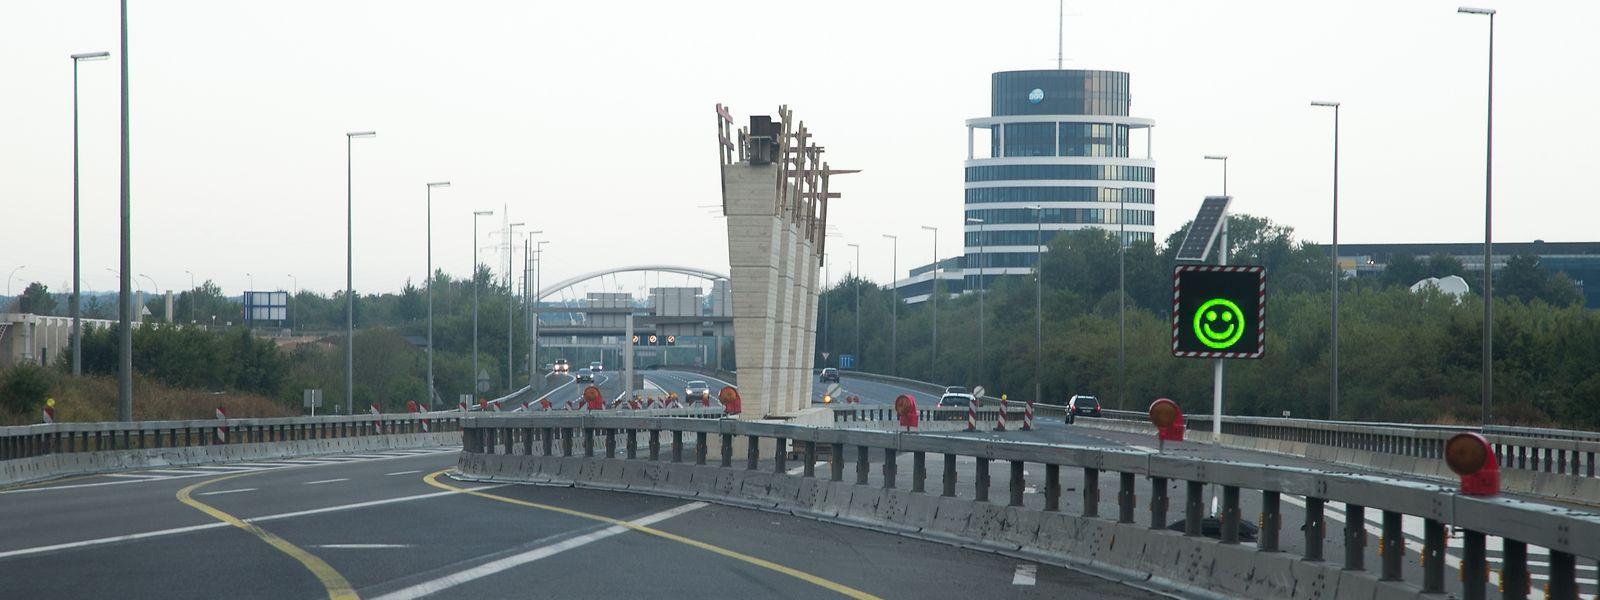 Noch bis Mitte September werden die Autofahrer auf der verengten Fahrbahn umgeleitet.